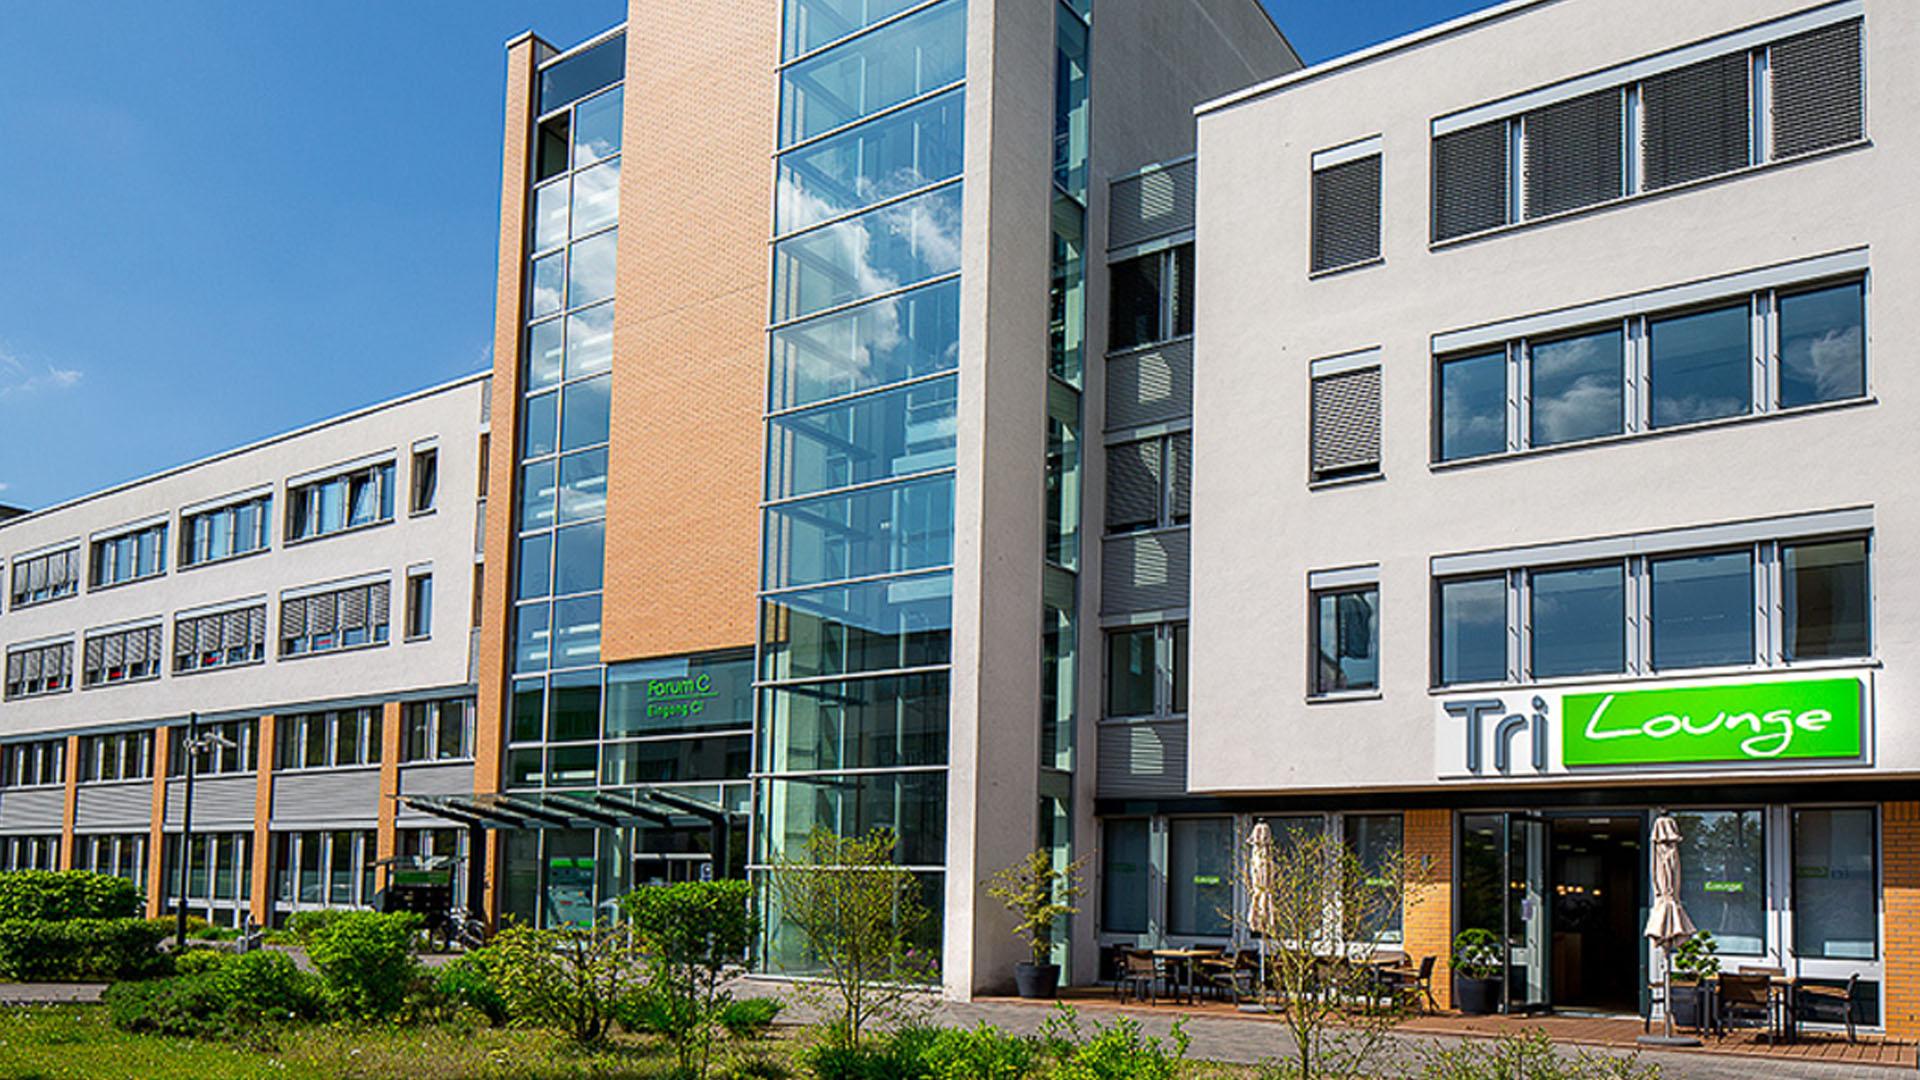 MAASS-Lichtplanung_Planung von Konferenzzentrum__MAASS-Trilounge-003